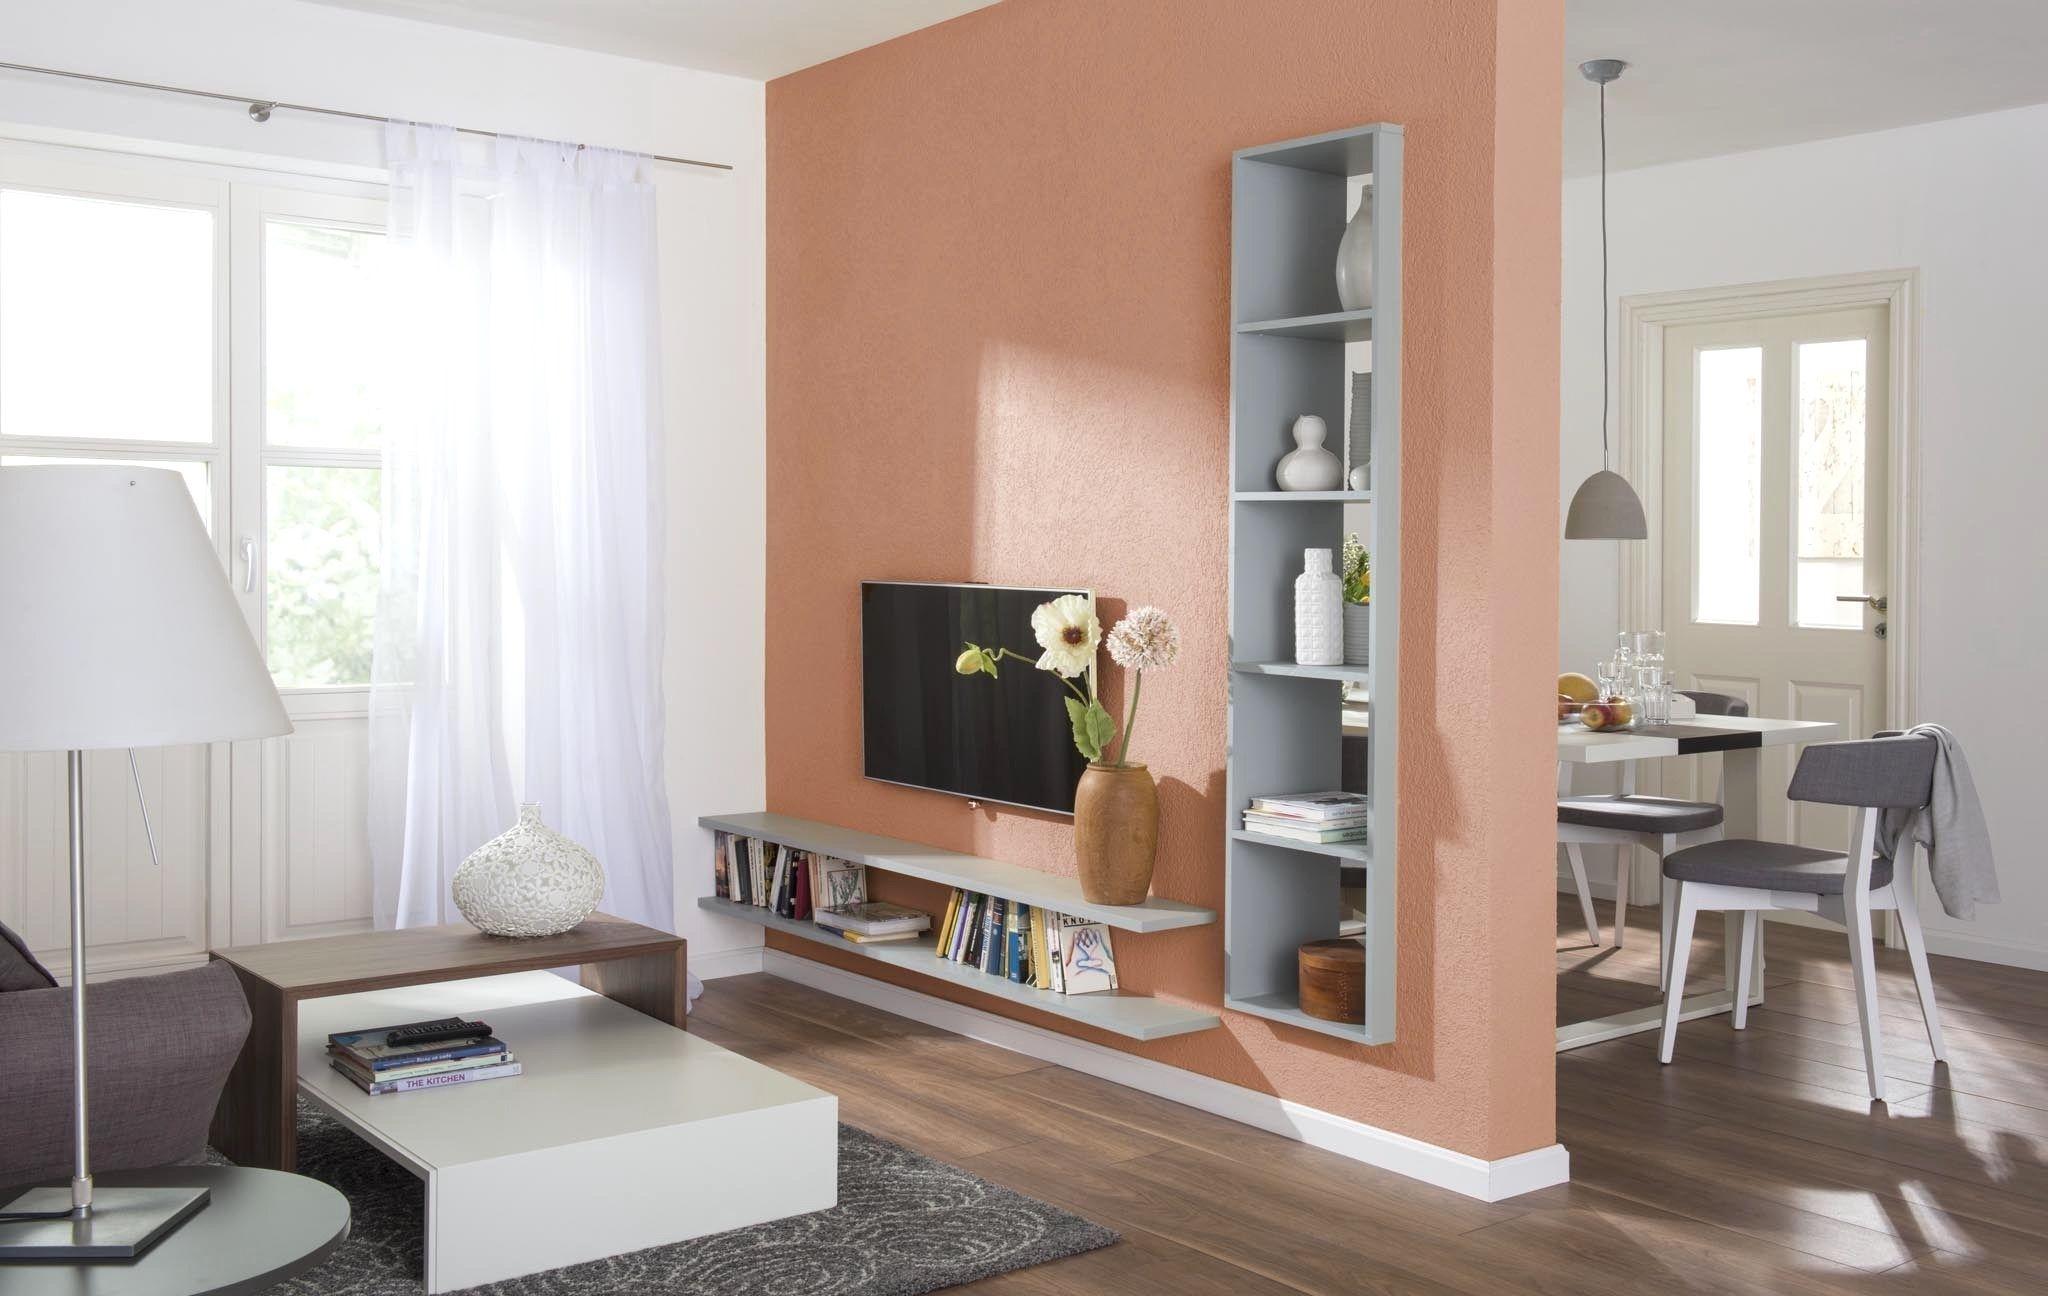 Wie Kann Man Wohnzimmer Einrichten Wohnzimmer Wandgestaltung